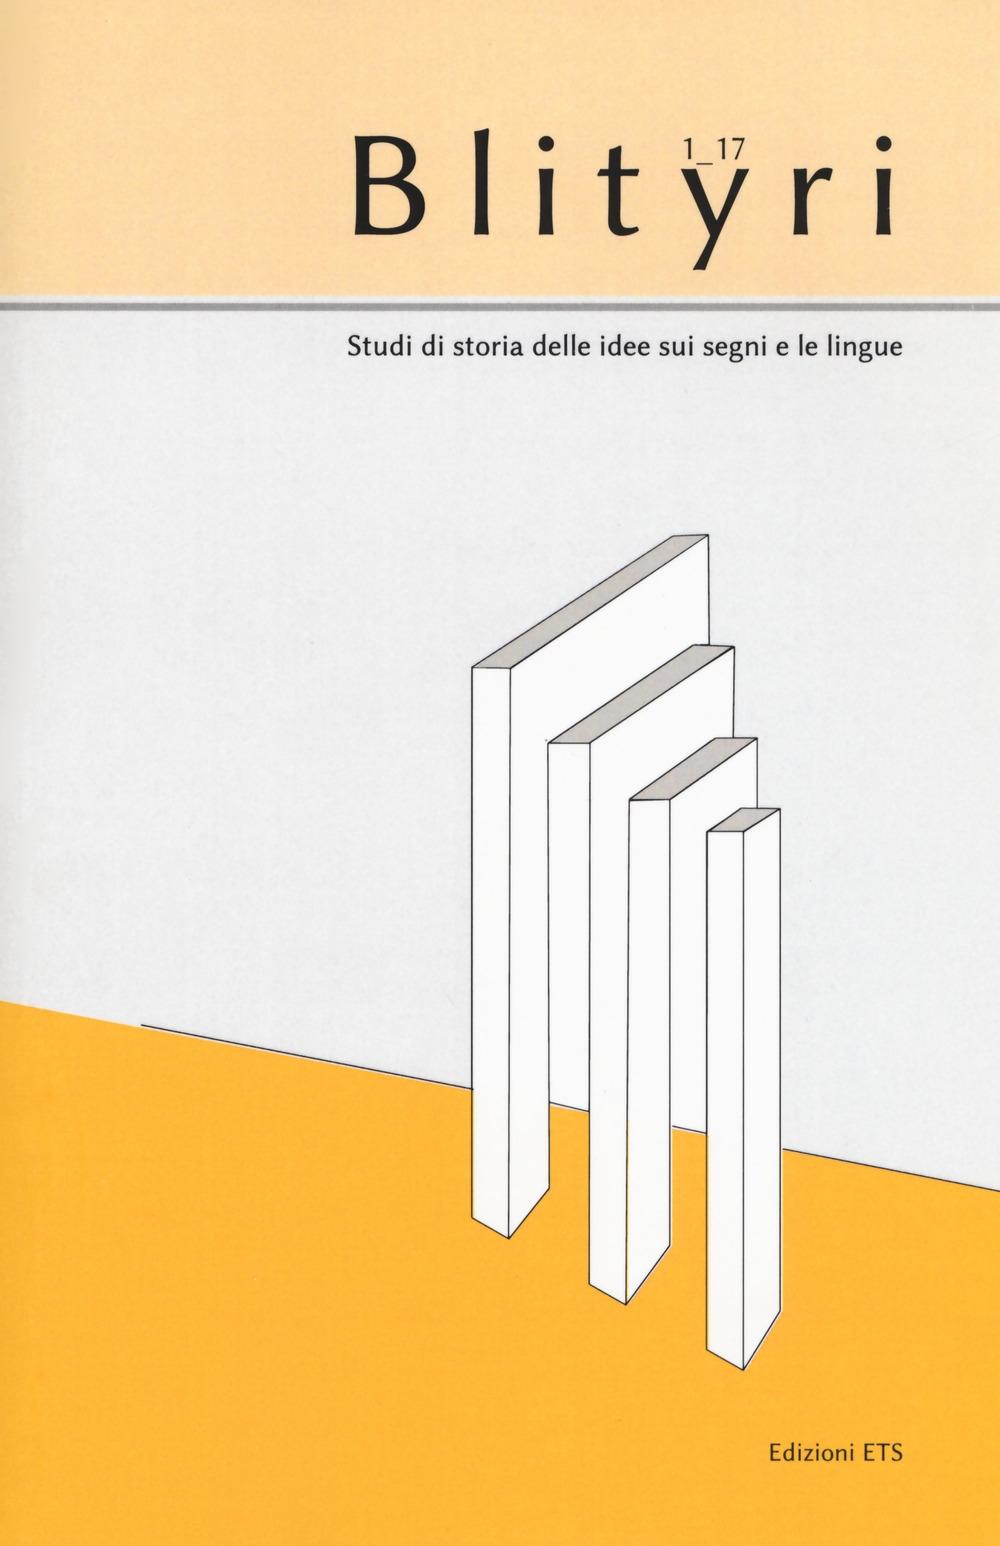 Blityri. Studi di storia delle idee sui segni e le lingue (2017). Vol. 1: Saussure e i suoi interpreti italiani. Antonino Pagliaro, la scuola romana e il contesto europeo